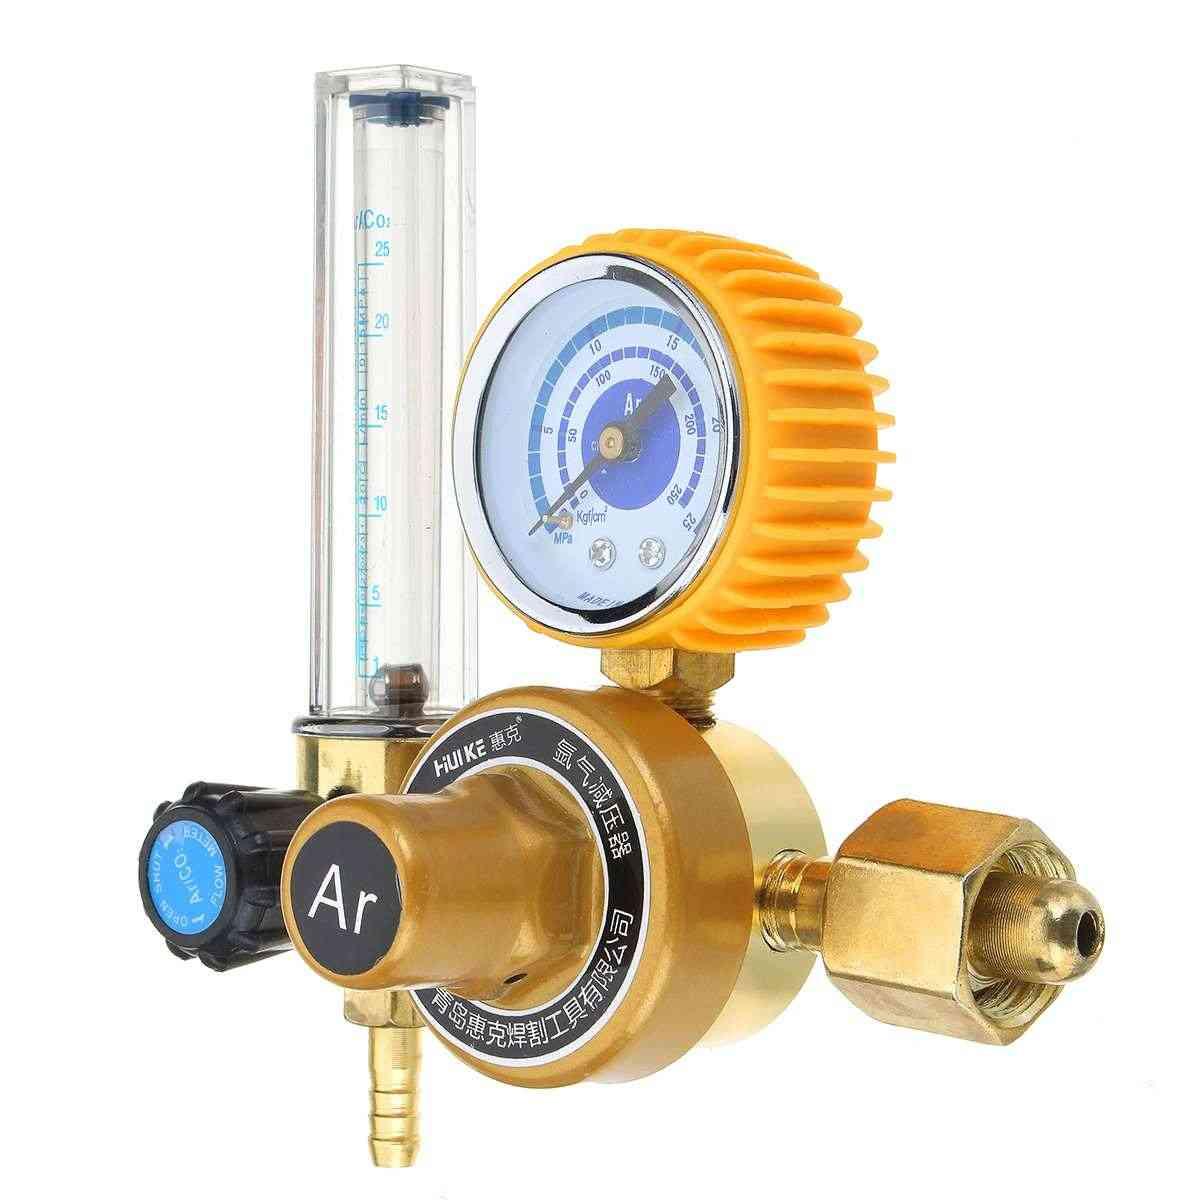 Argon Co2 Mig Tig Flow Meter, Gas Regulator Welding Weld Gauge